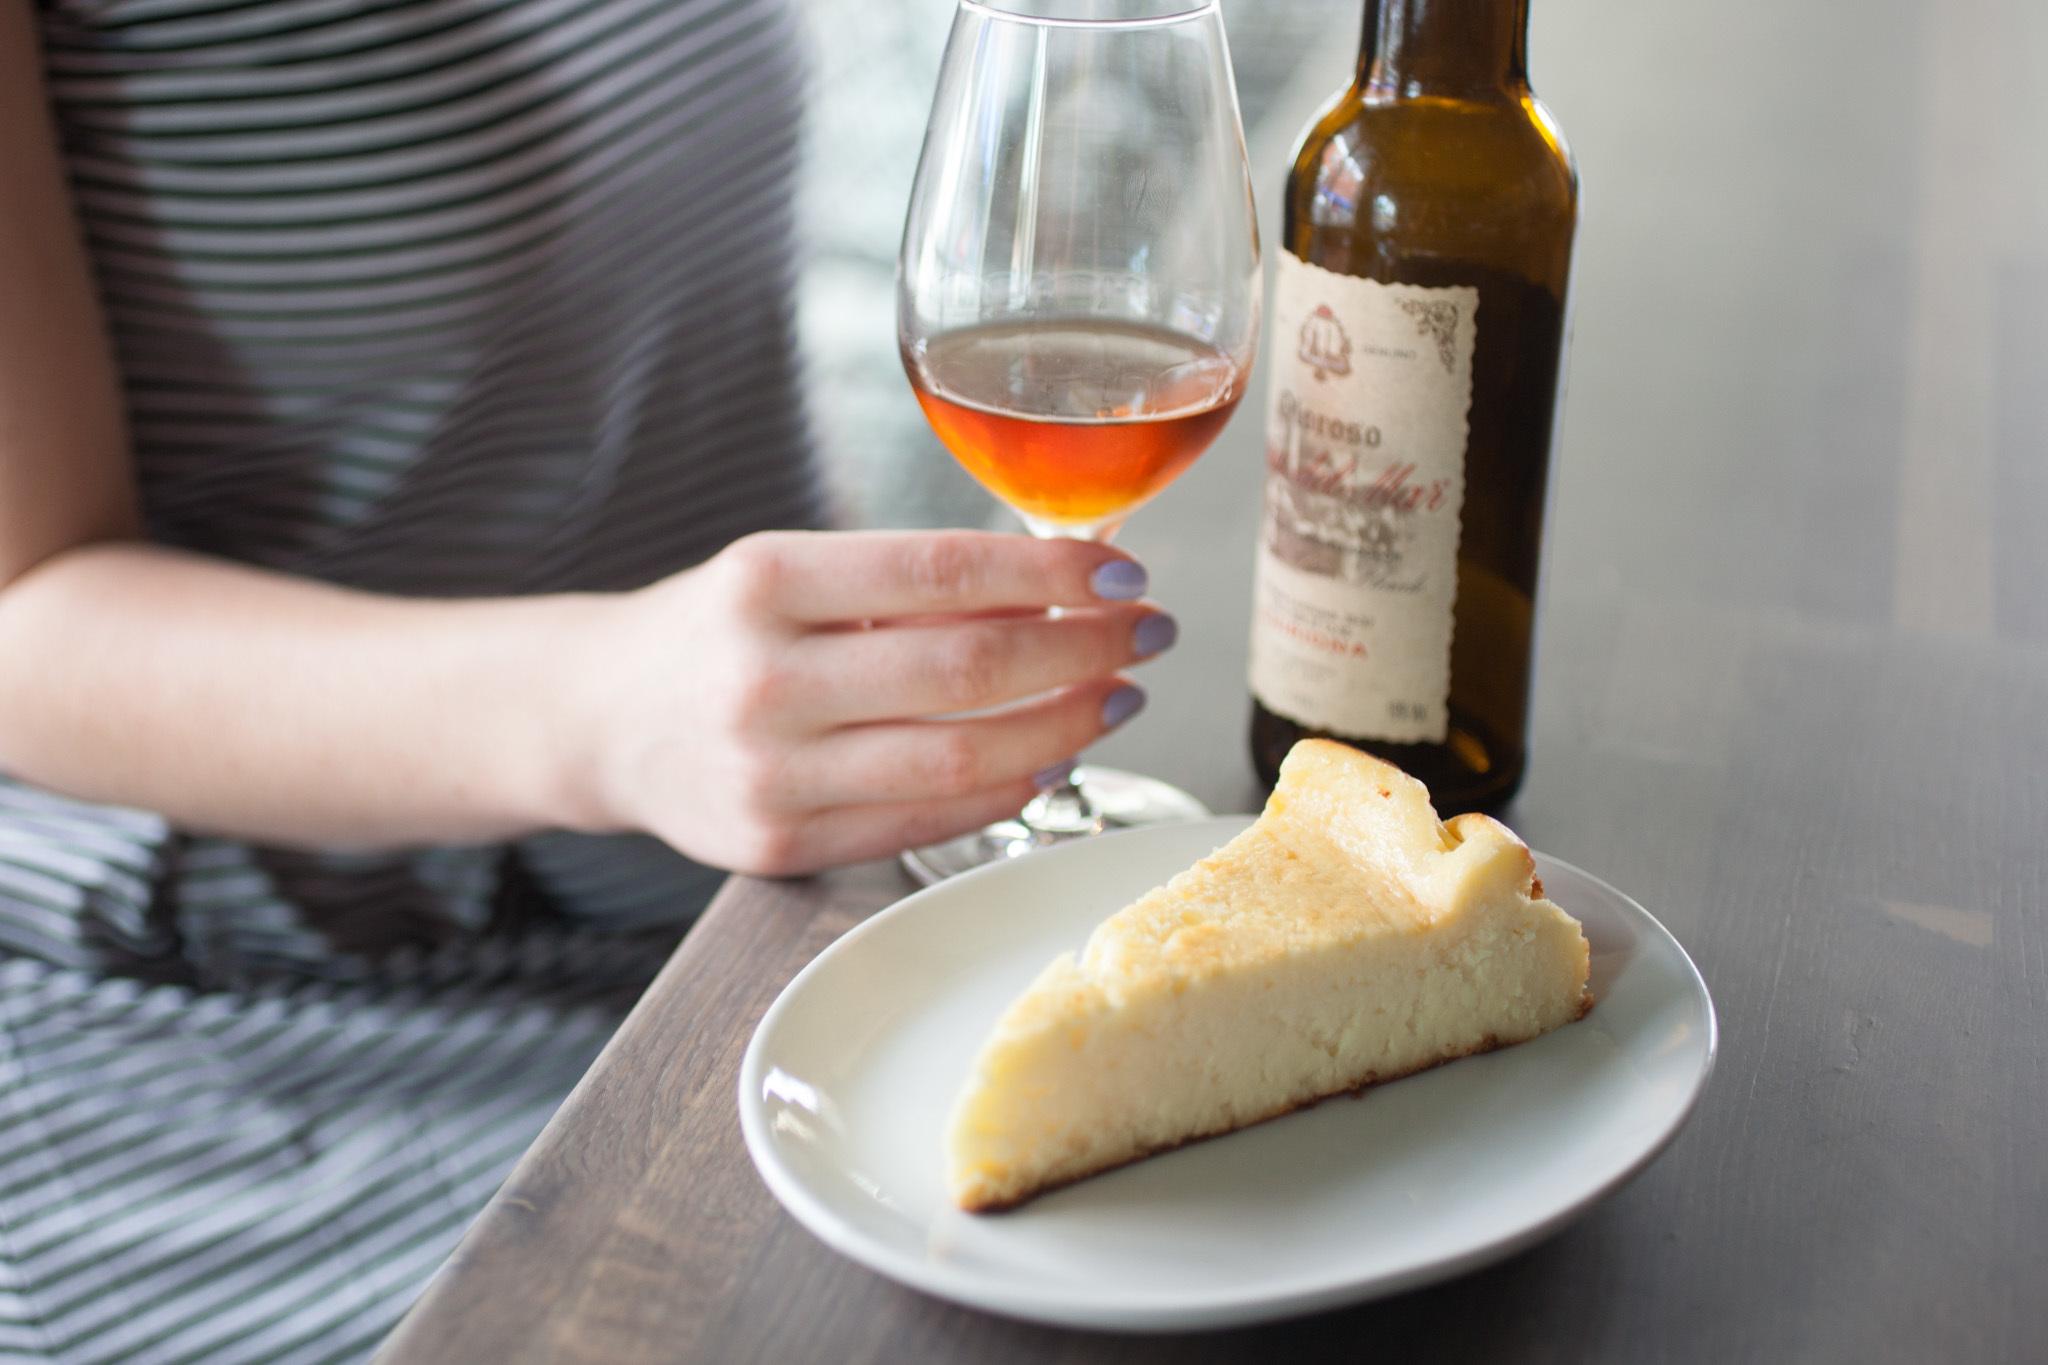 Cheesecake at Bom Bolla